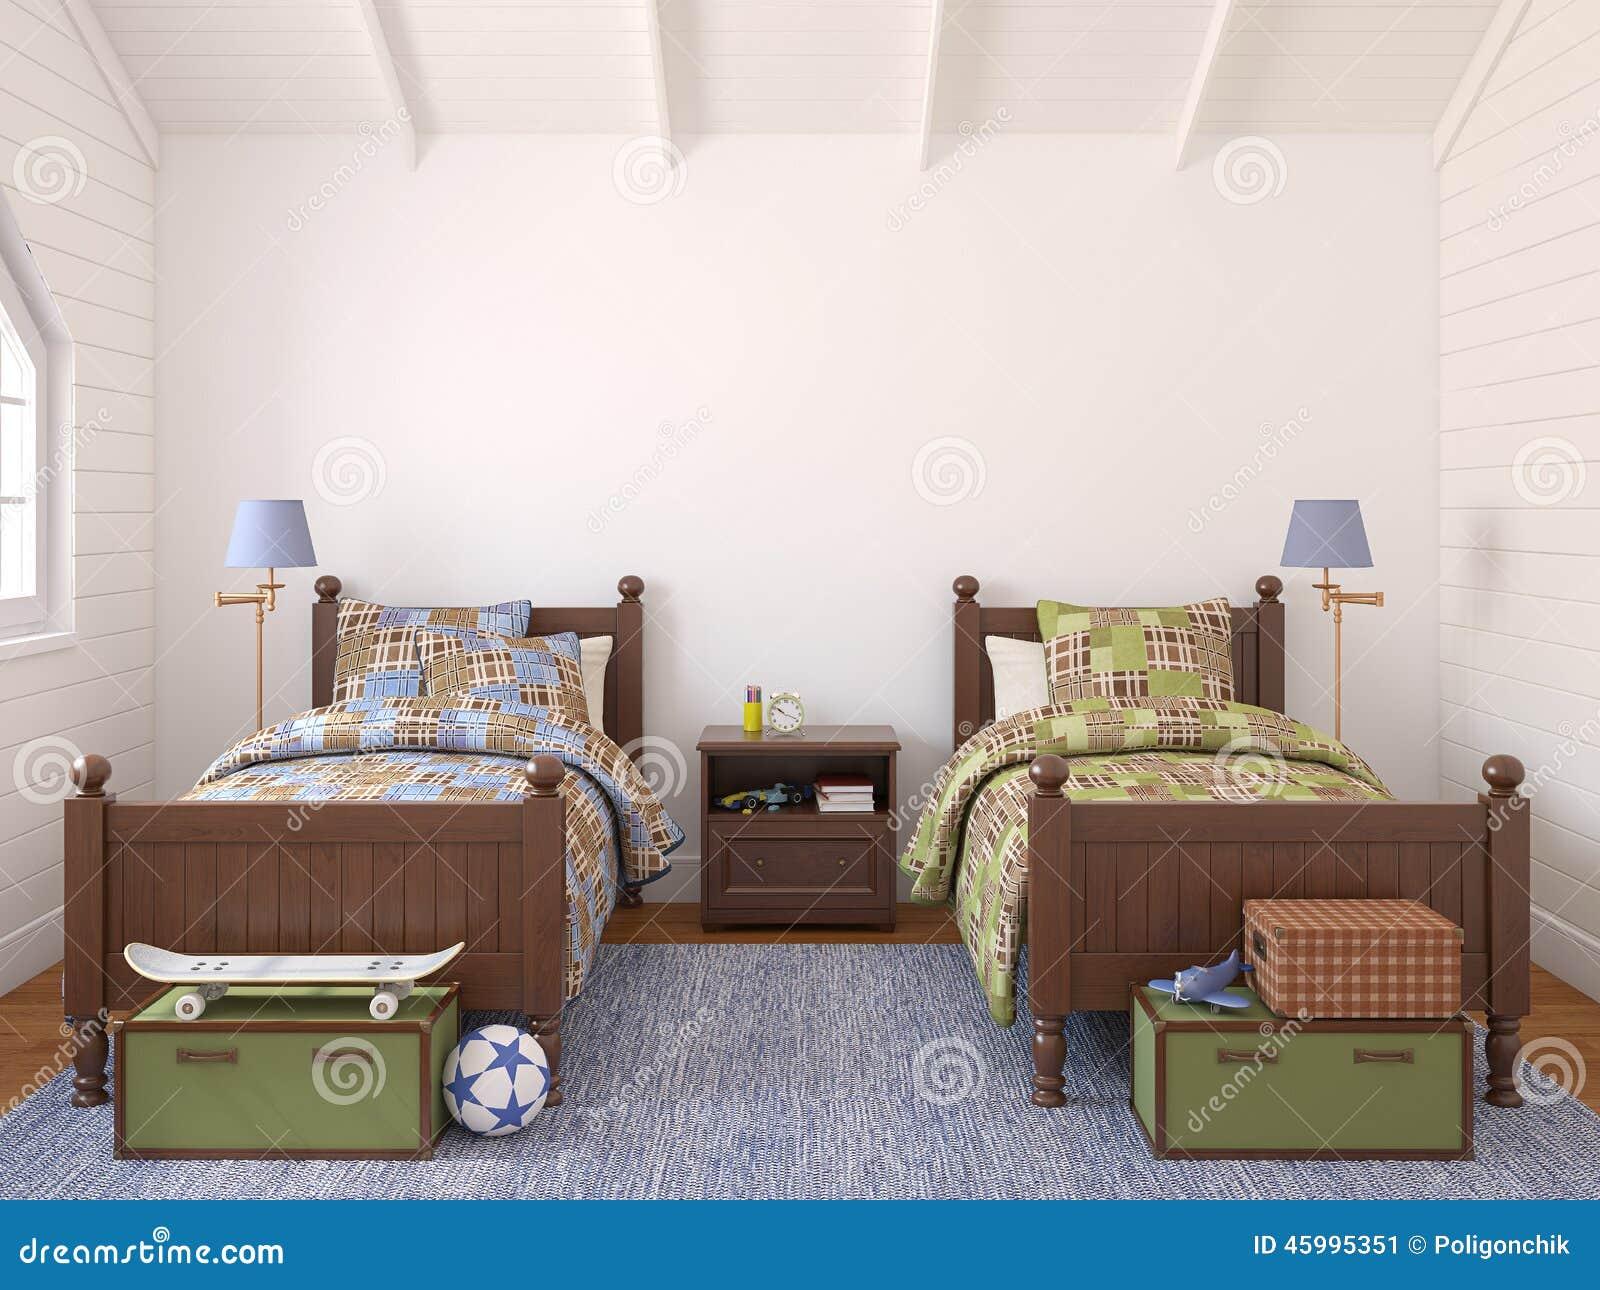 Camera da letto per due bambini illustrazione di stock - Camera da letto per ragazzi ...